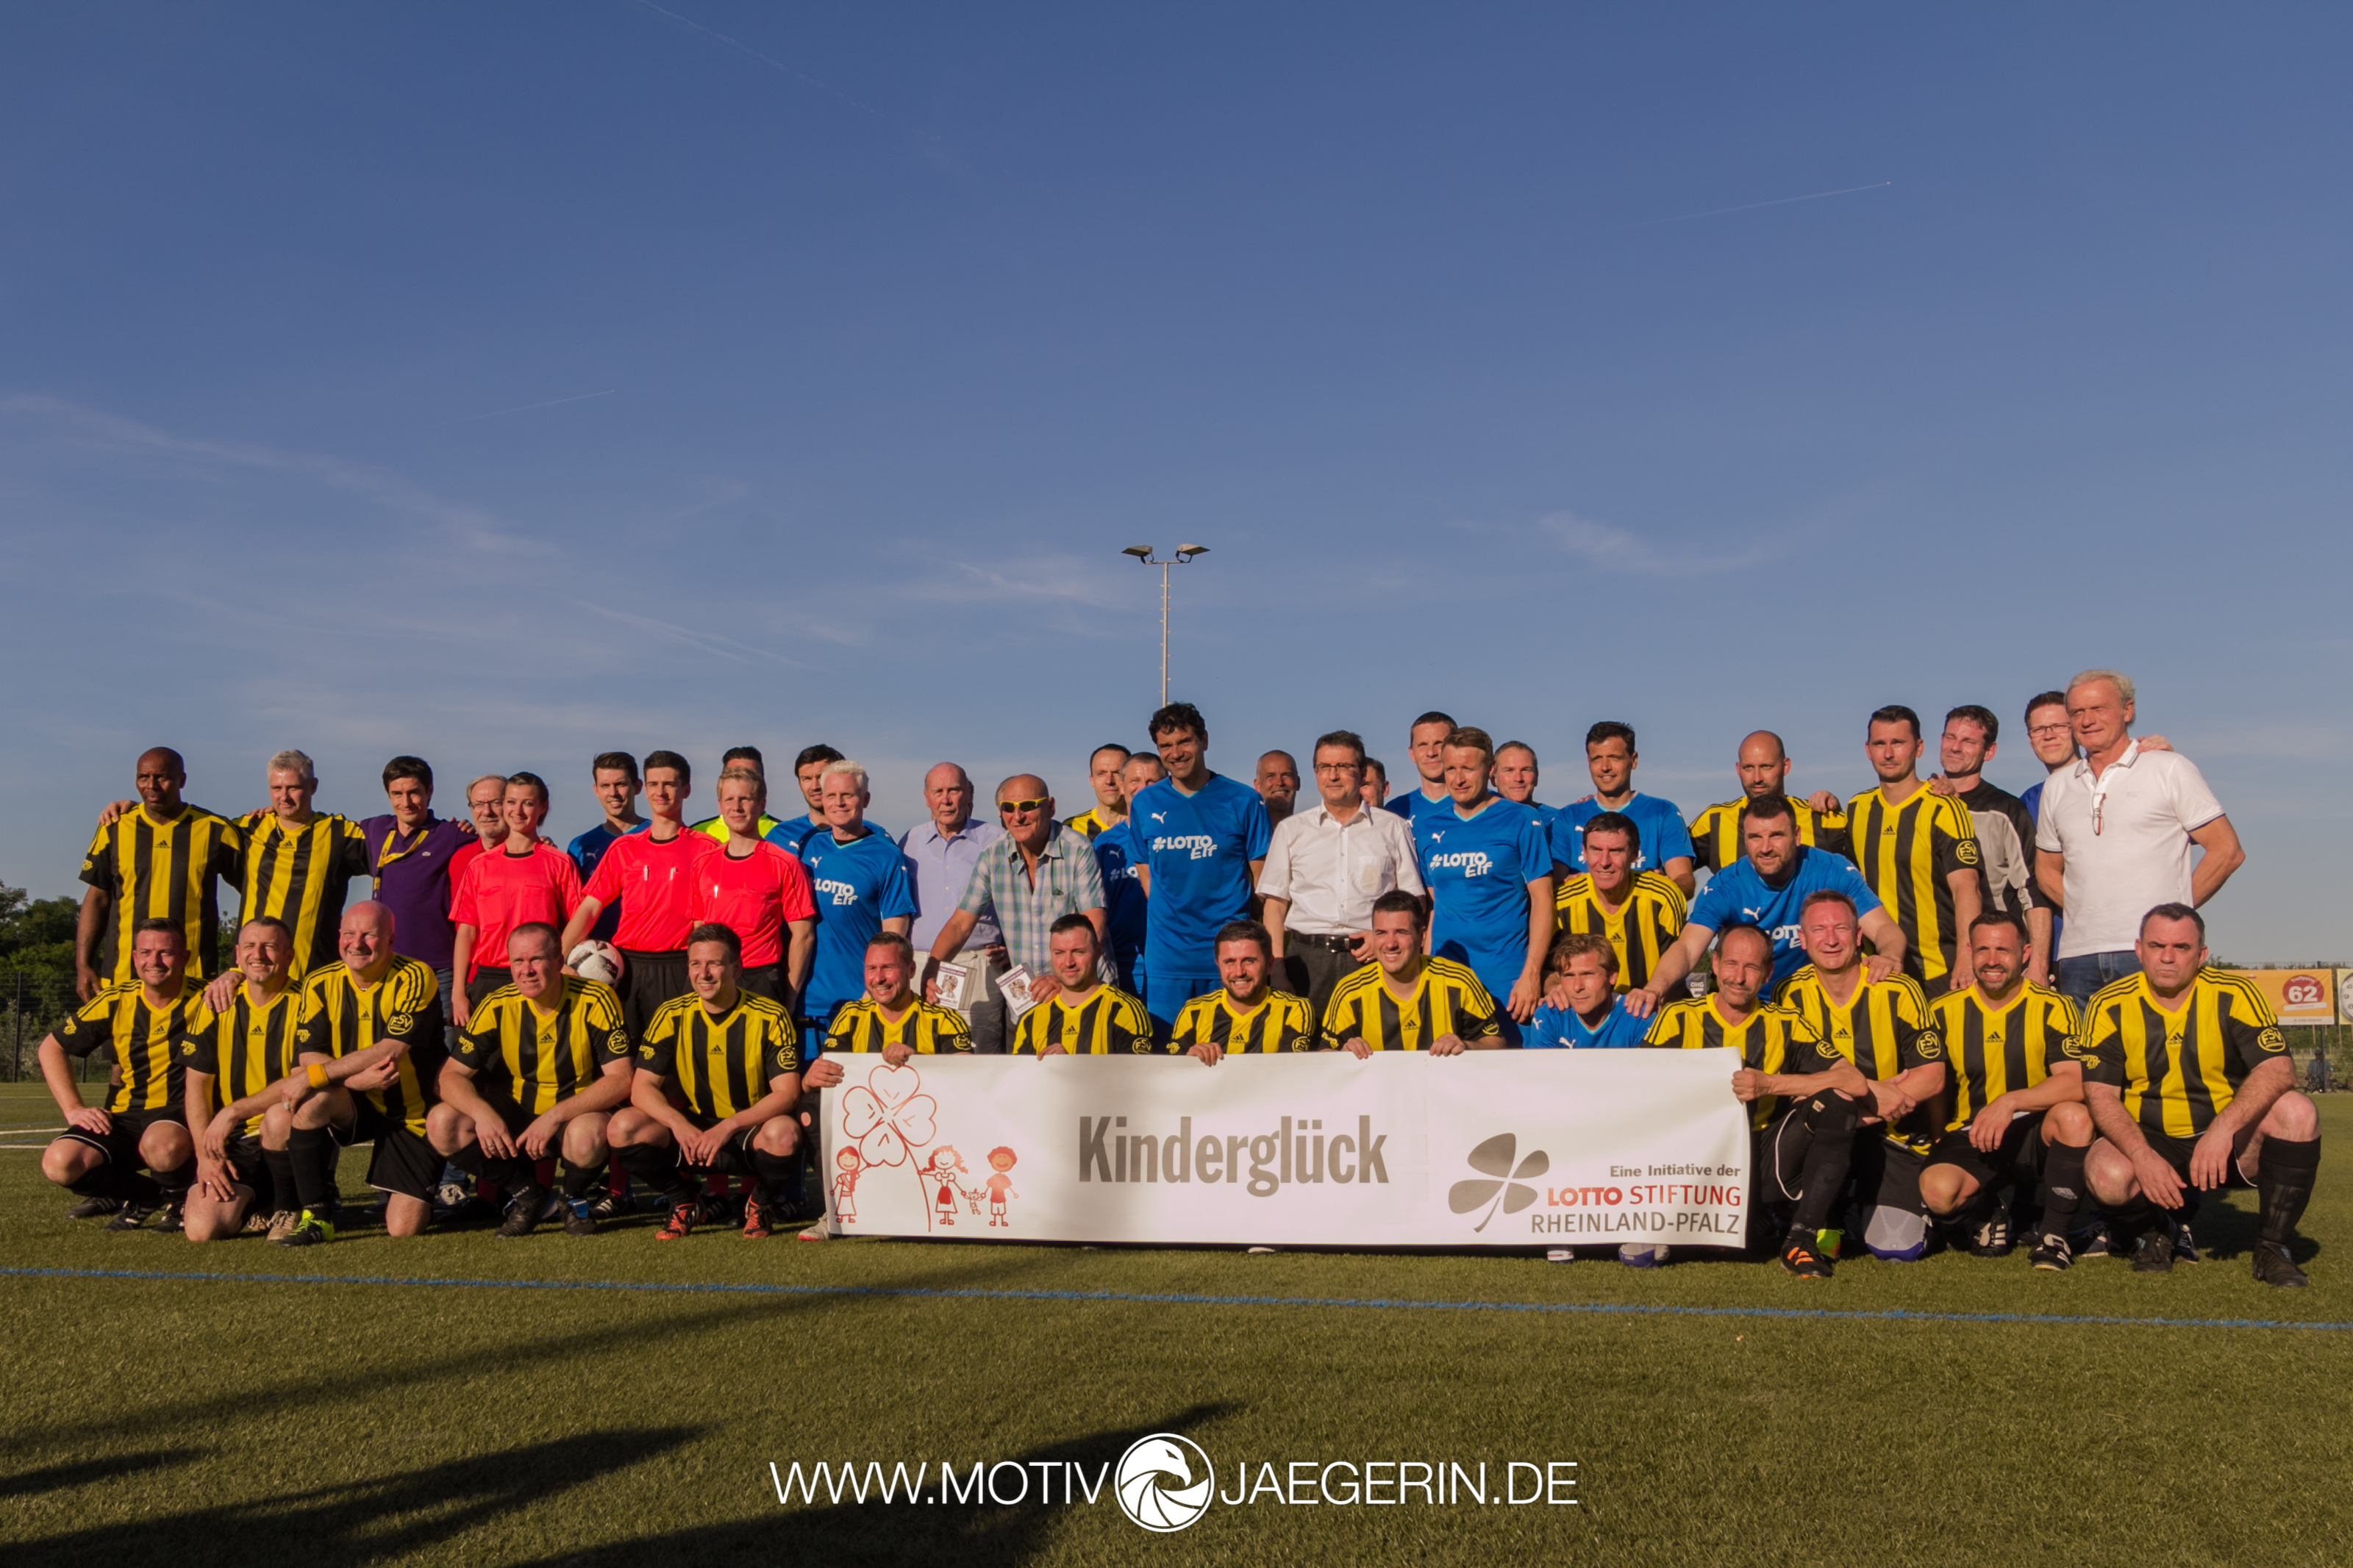 Eventfotografie beim Benefizspiel des FSV Oppenheim vs. LottoElf in Oppenheim